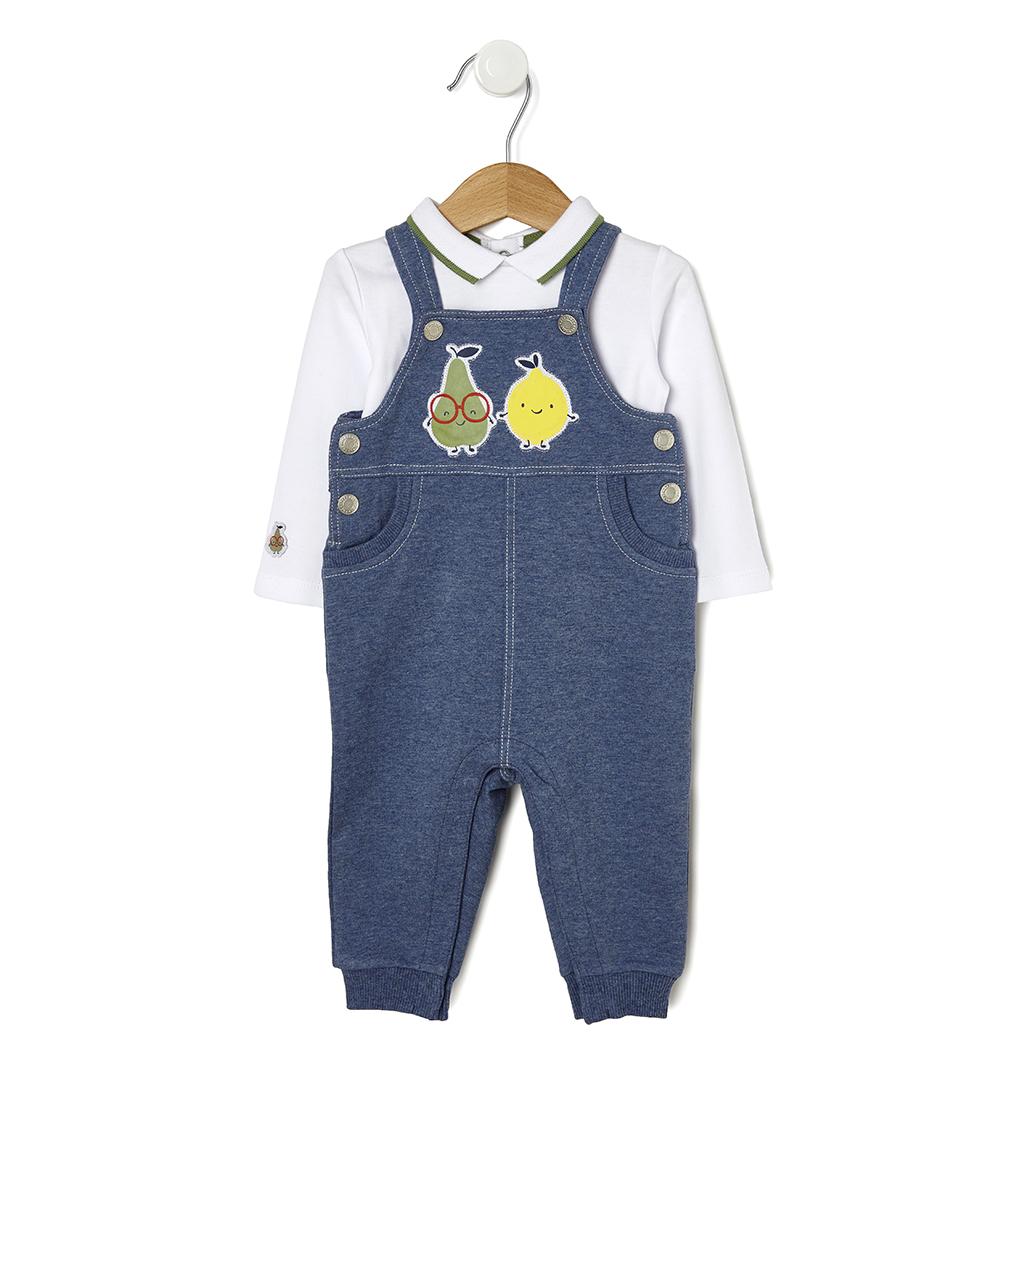 Φορμάκι - Σαλοπέτα Φούτερ Μπλε με Μπλούζα για Αγόρι